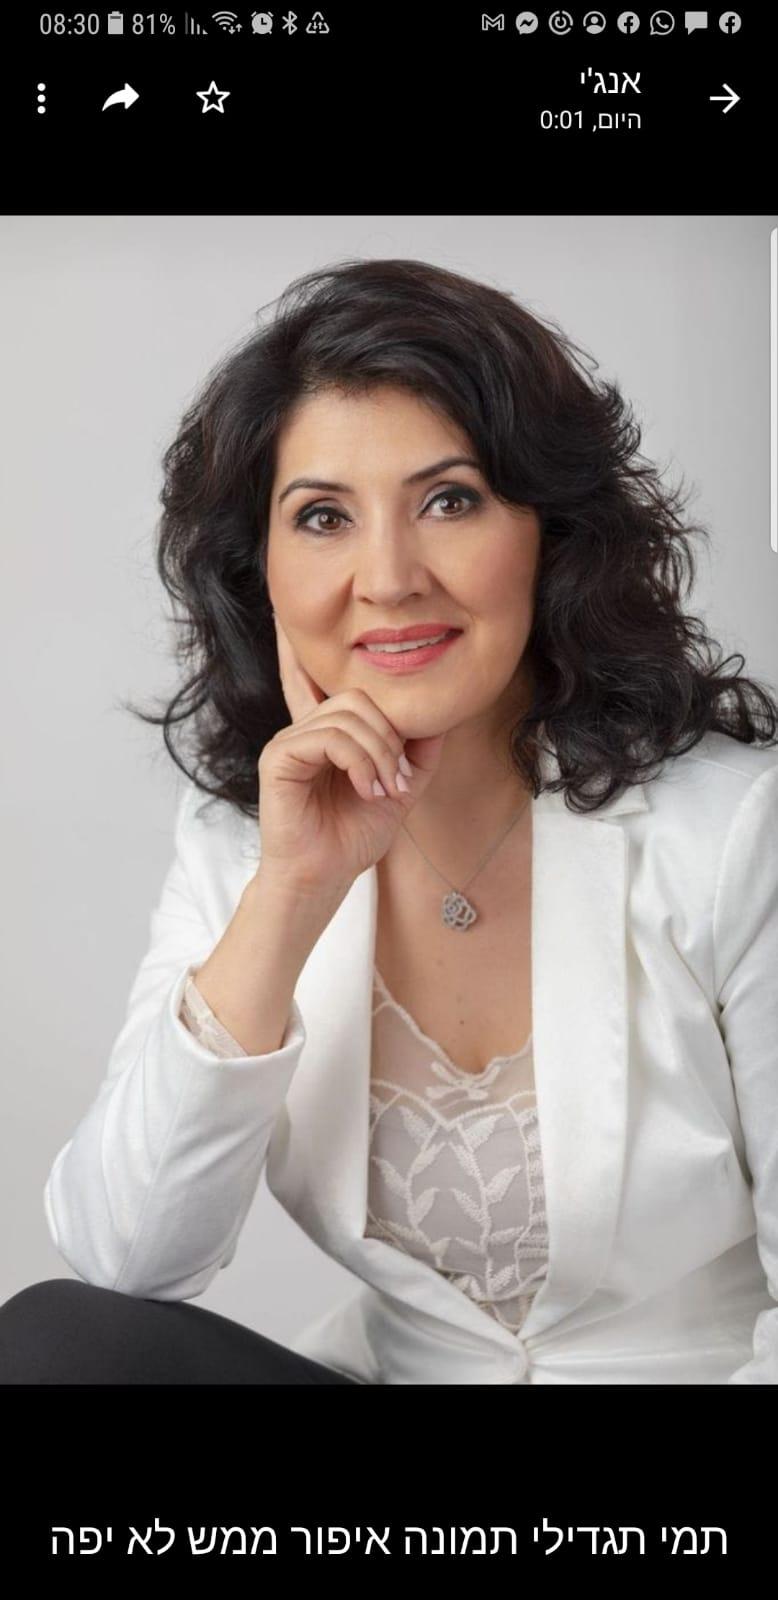 אנג'לה אברמוב